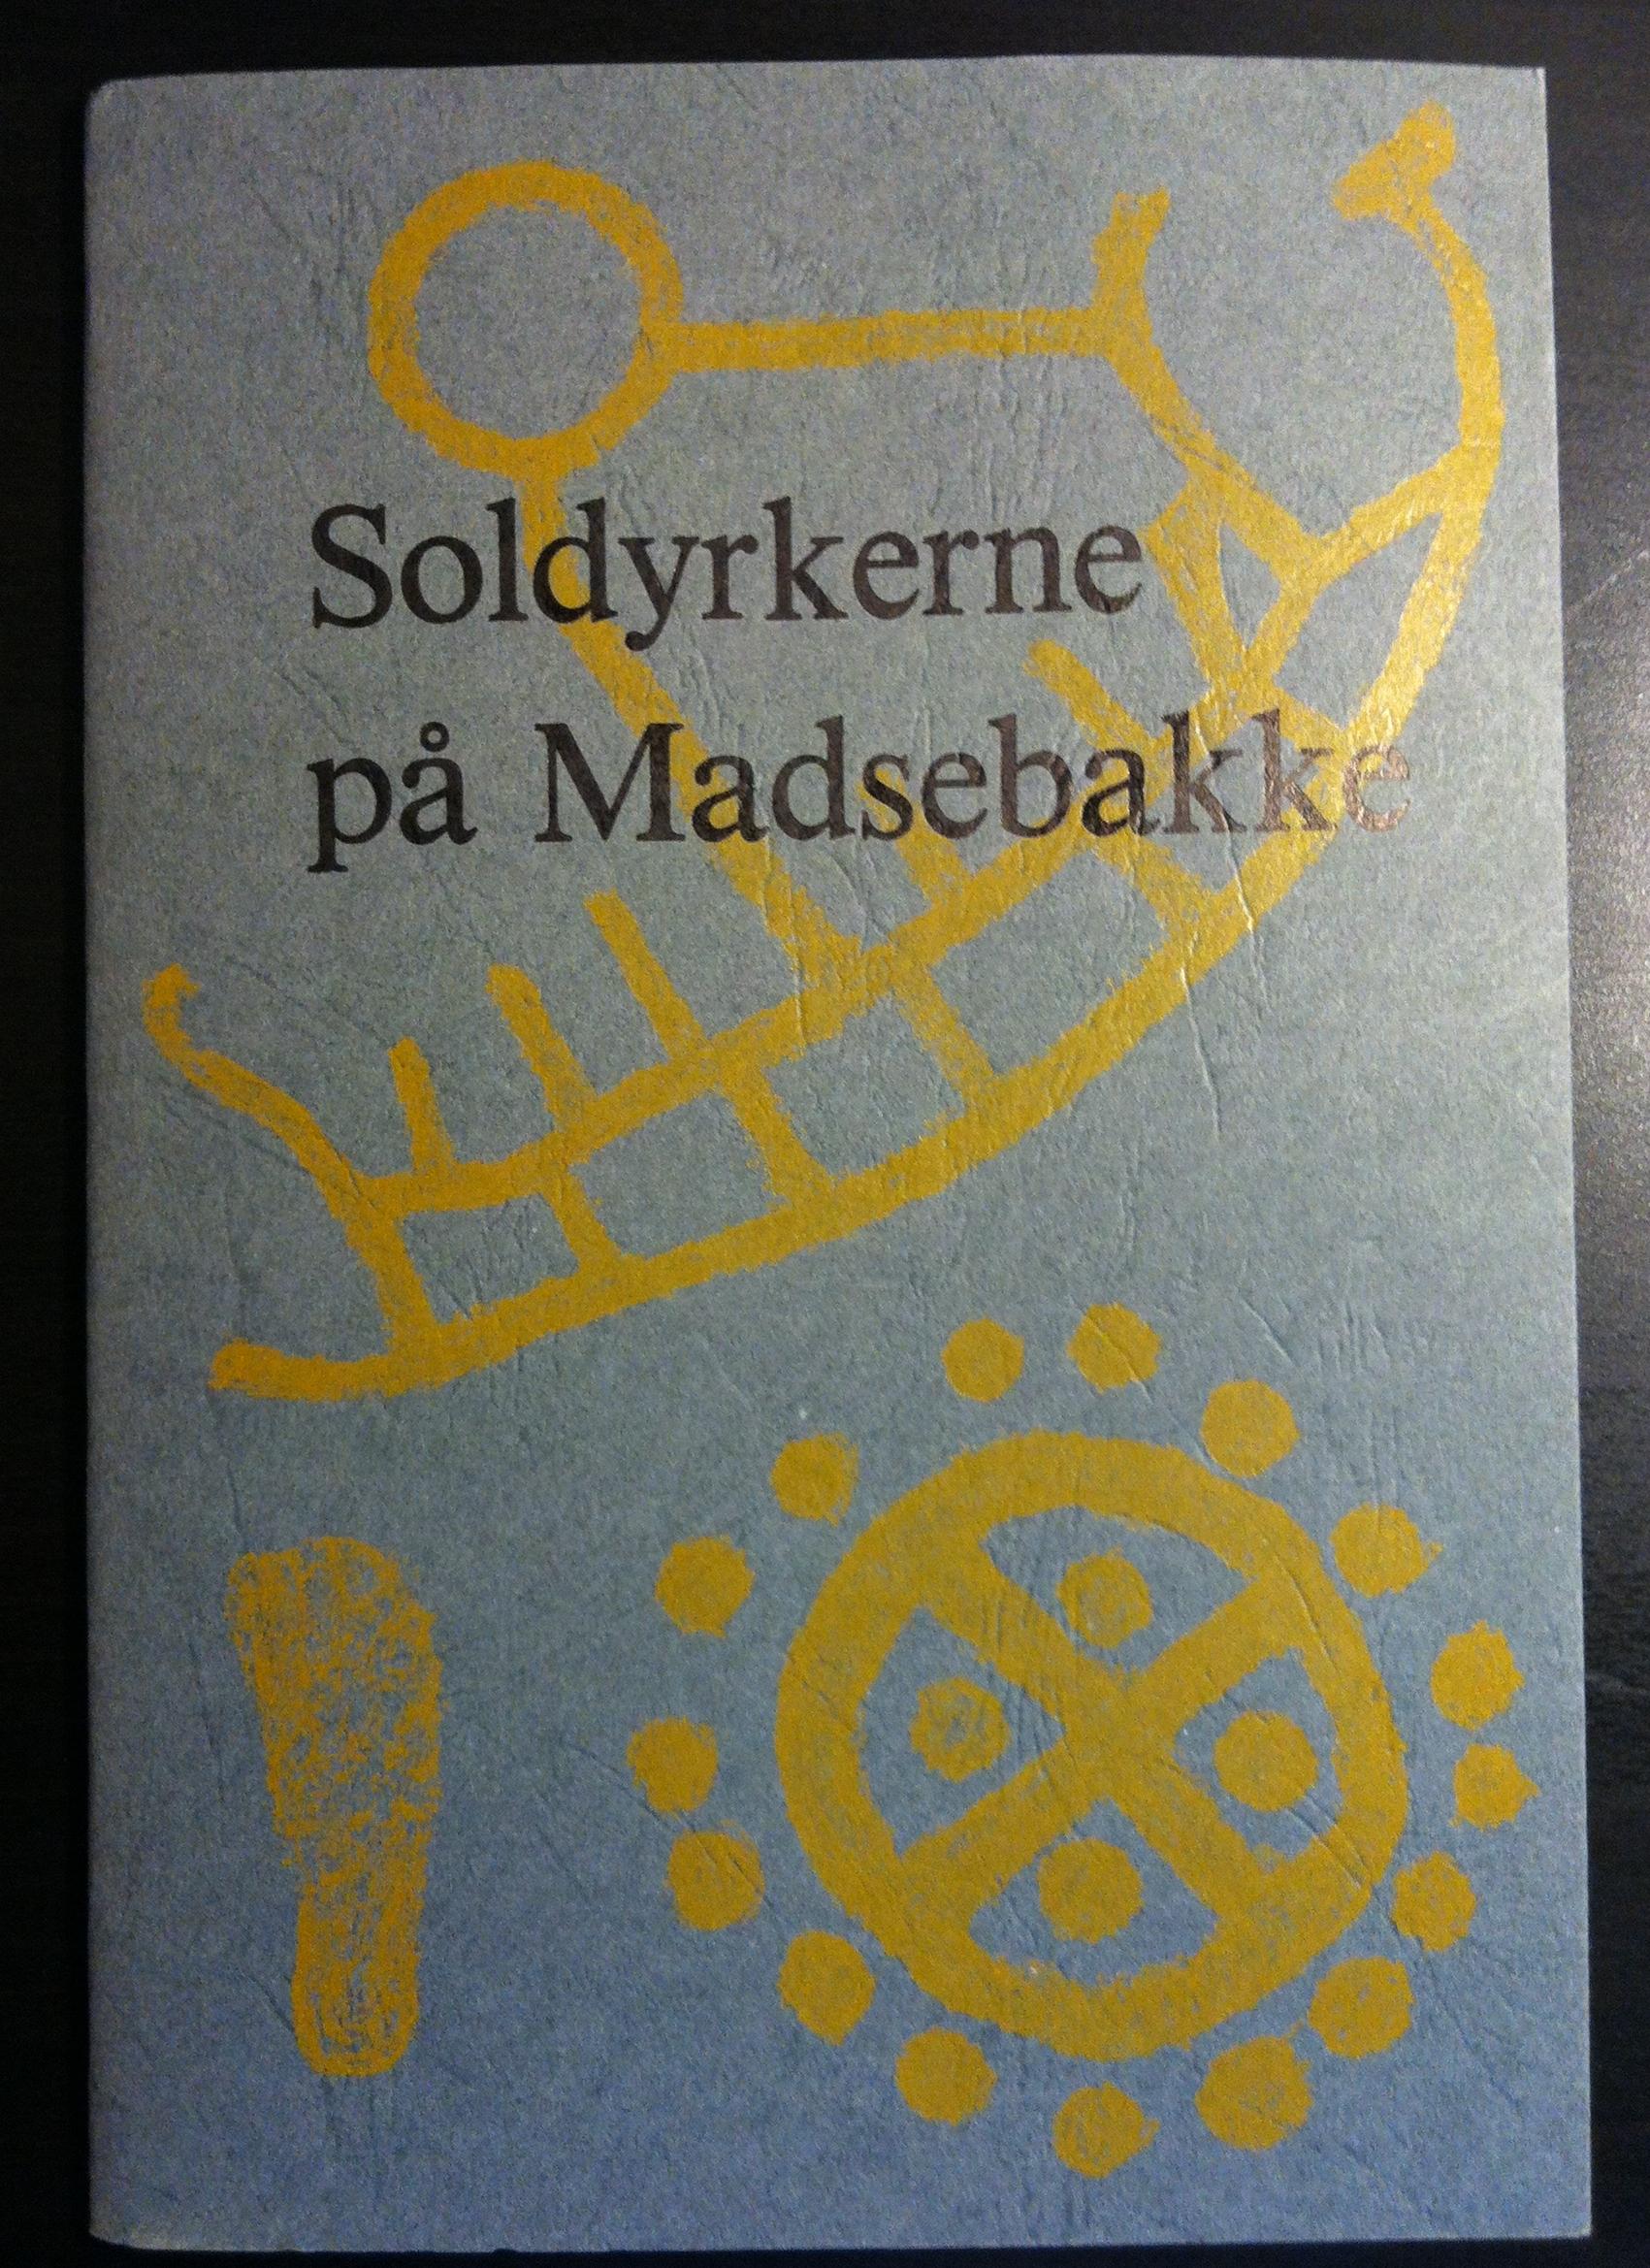 Soldyrkerne på Madsebakke